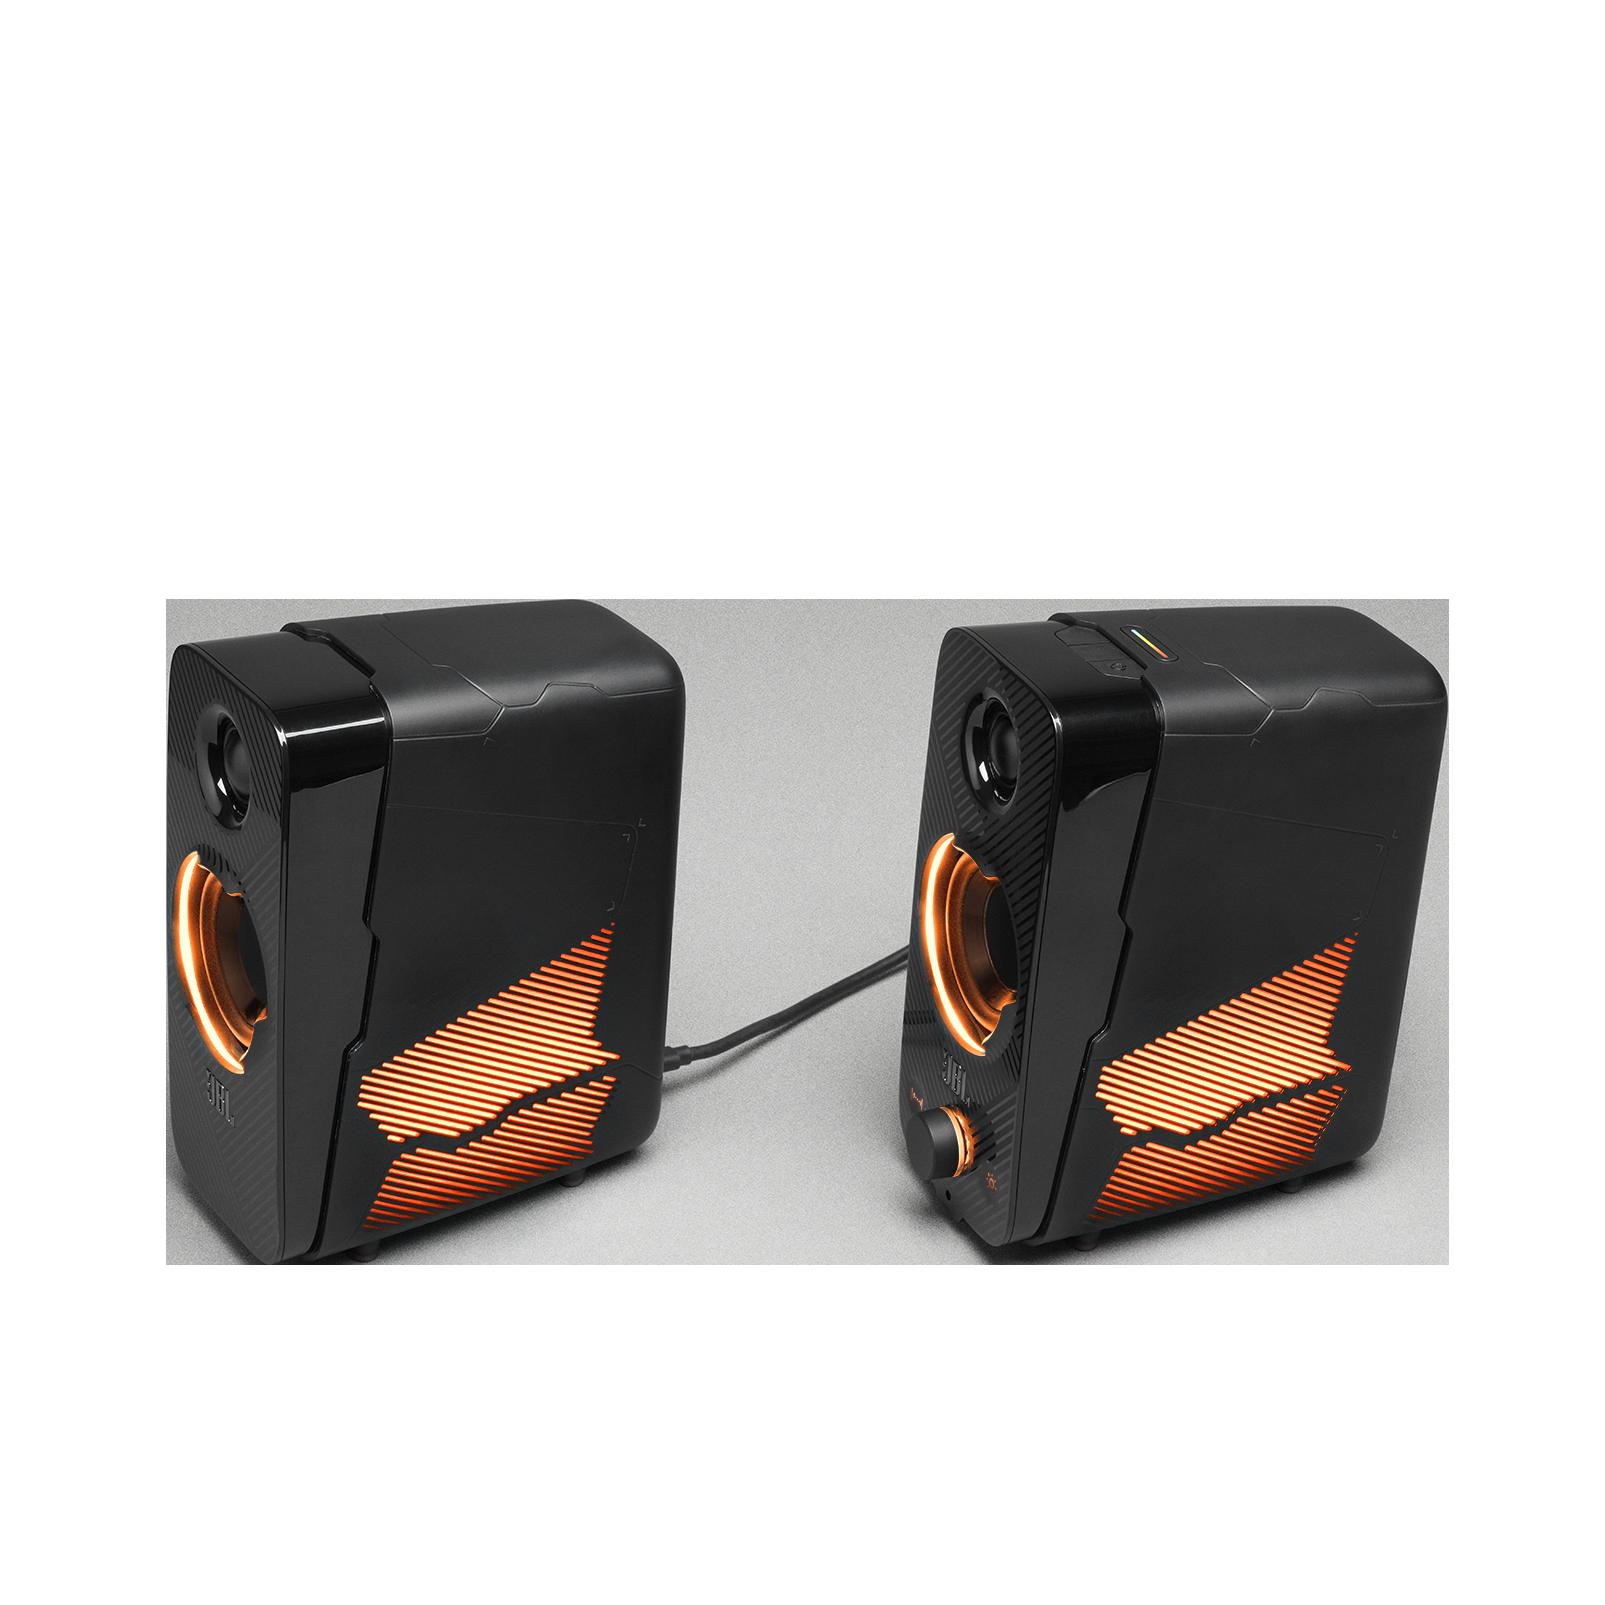 JBL Quantum Duo | PC Gaming Speakers